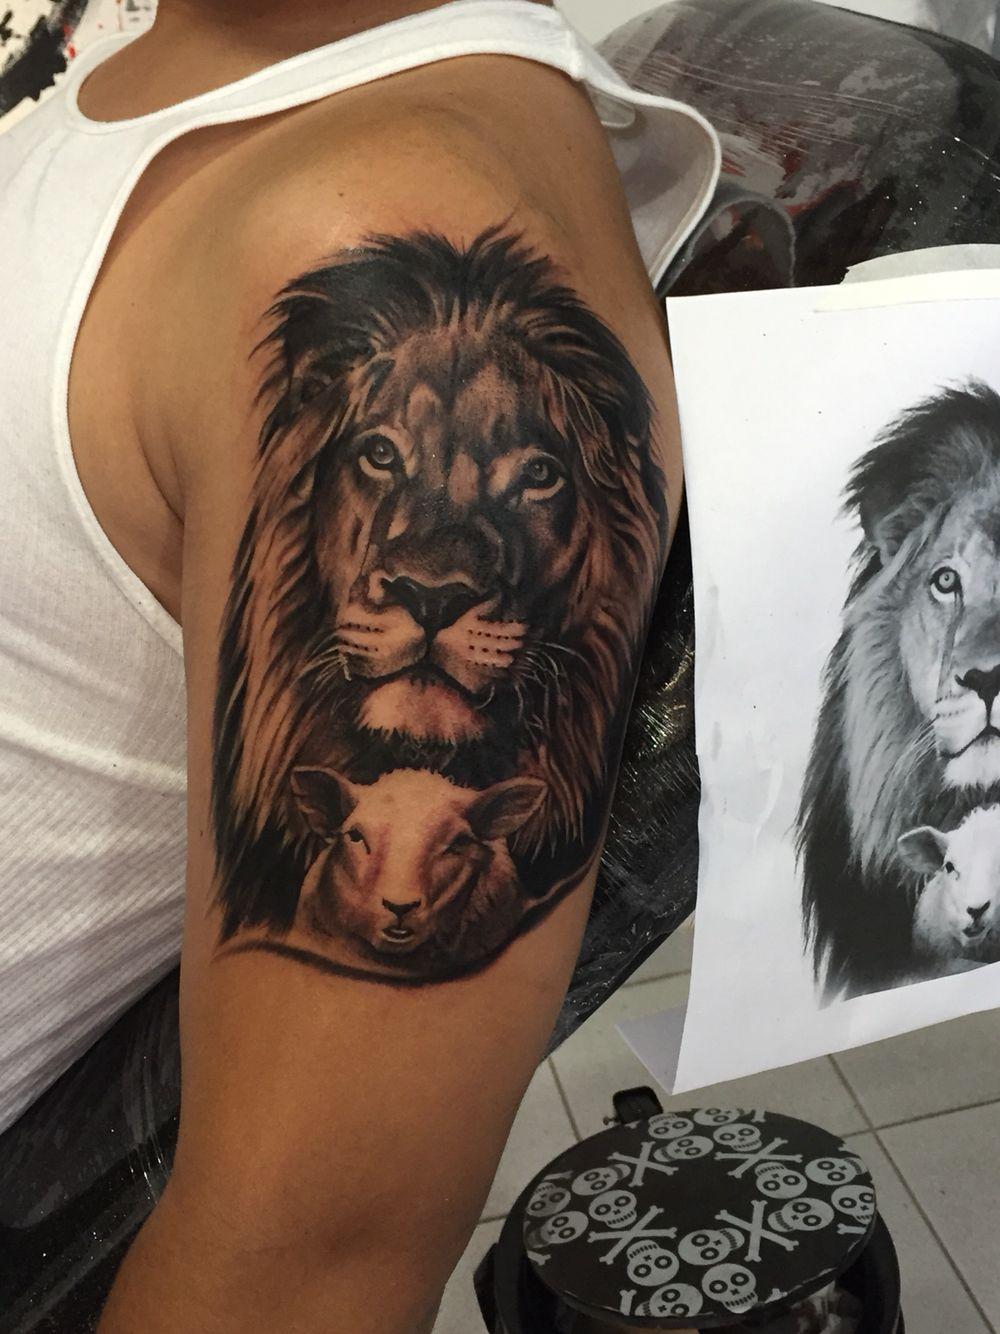 Christian Tattoo Lion And Lamb Tattoo Tattoos Christian Tattoos